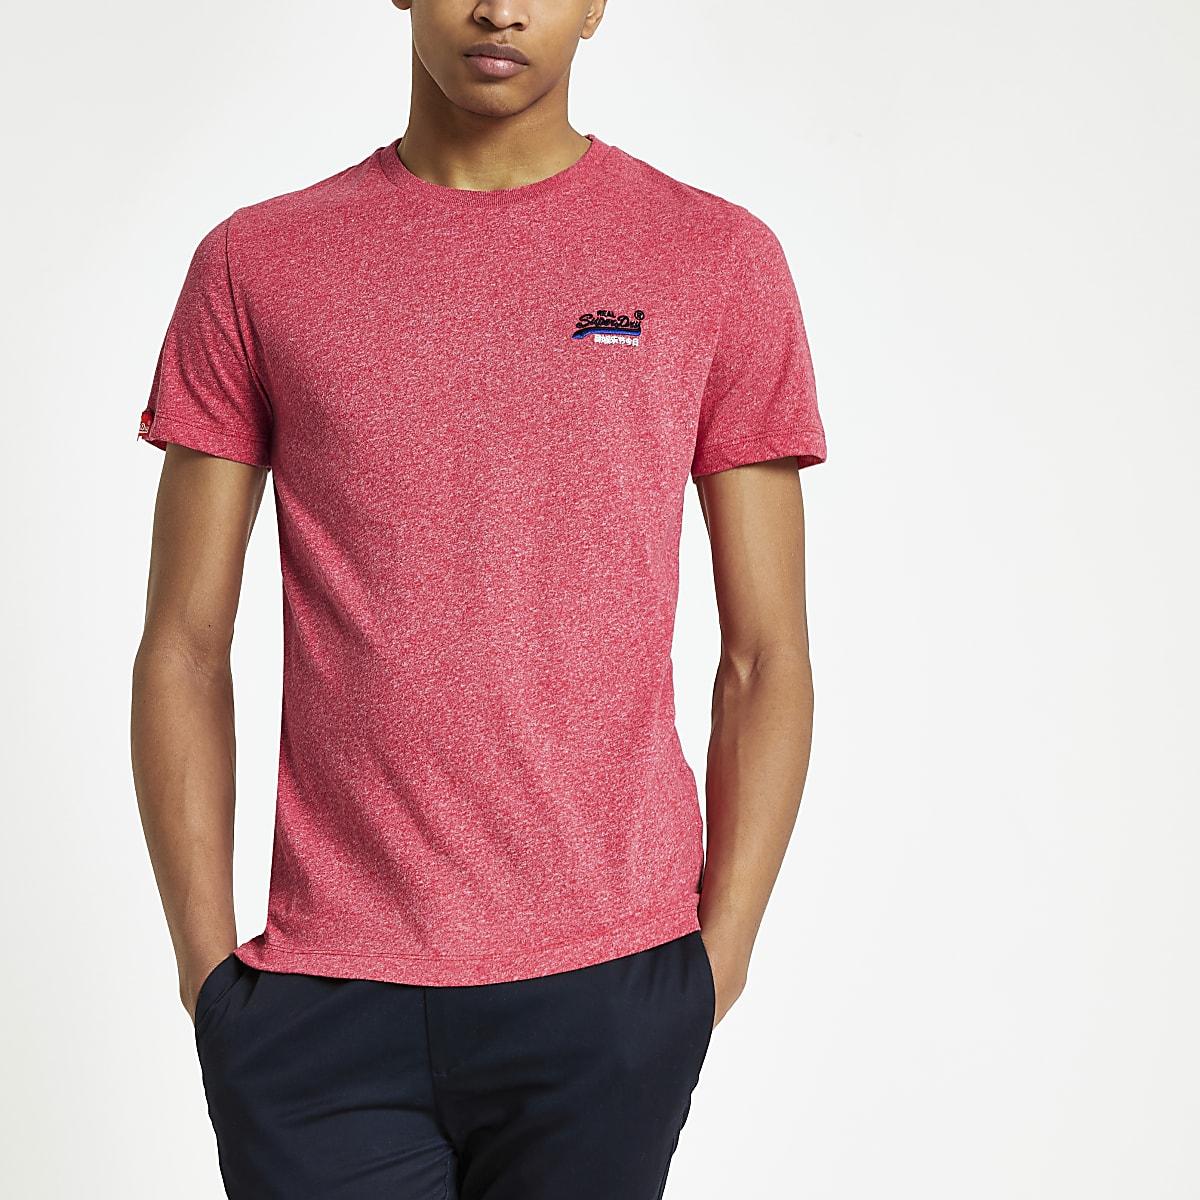 Superdry - Rood geborduurd T-shirt met logo